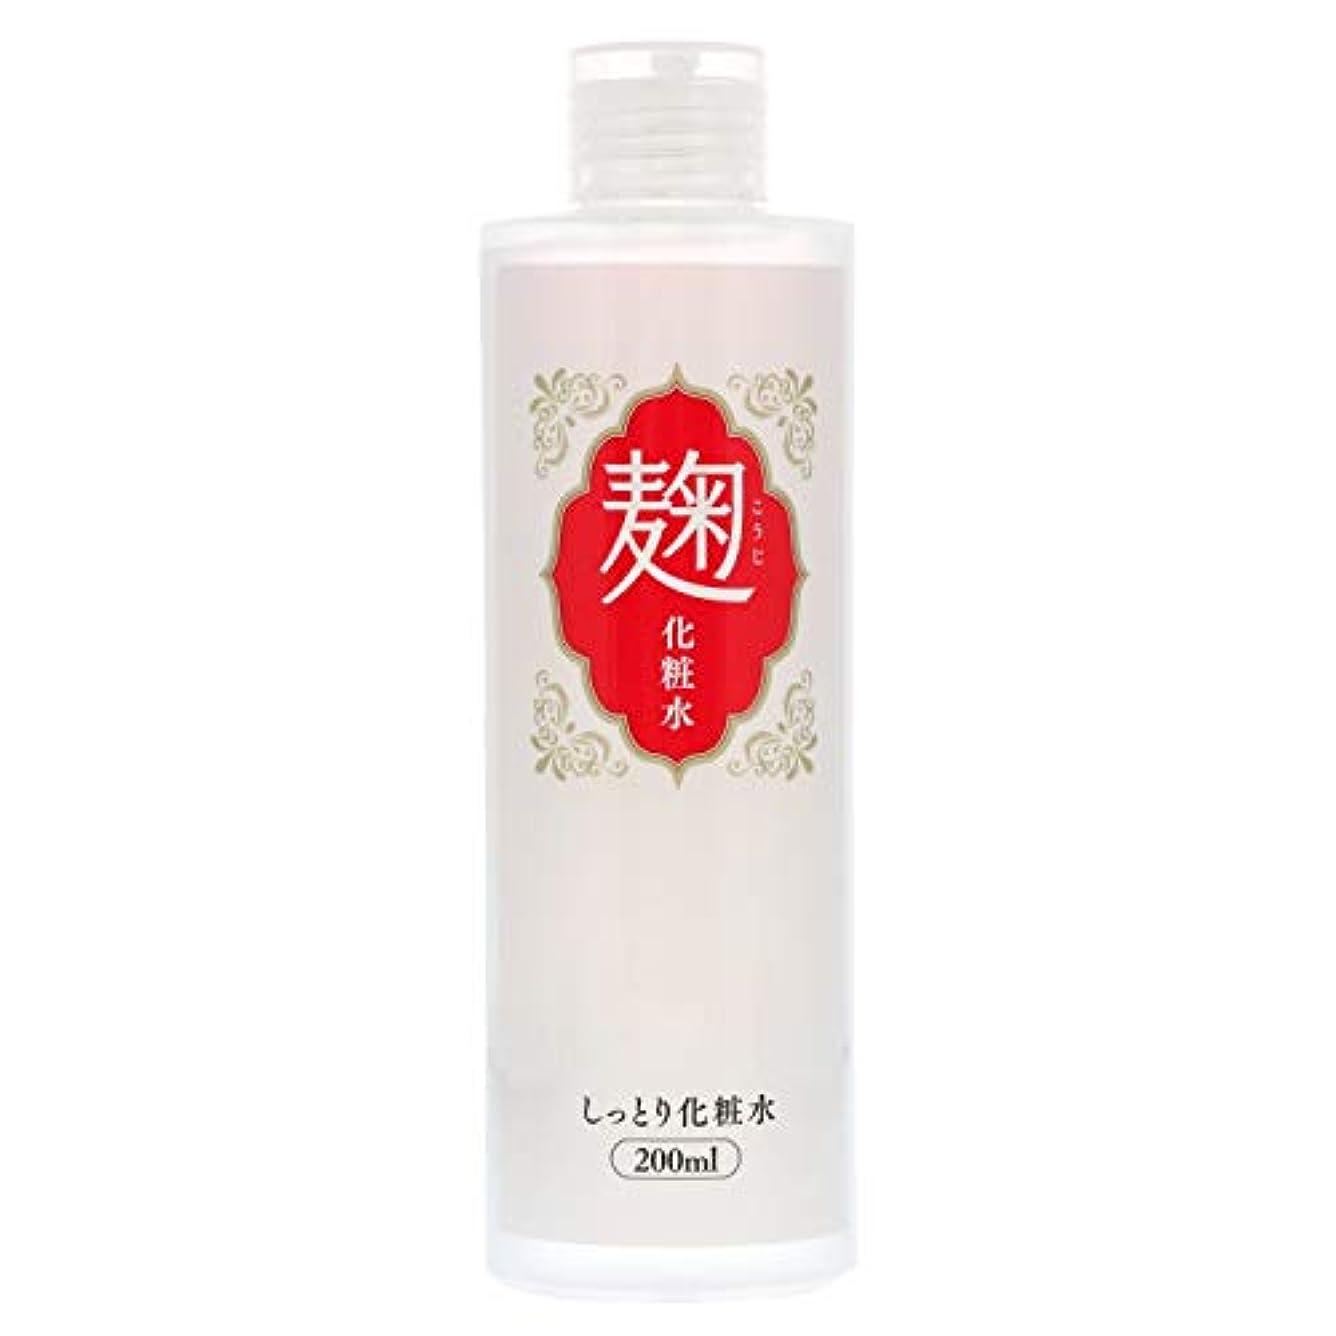 審判吸収ピッチユゼ 麹配合美肌しっとり化粧水 200mL